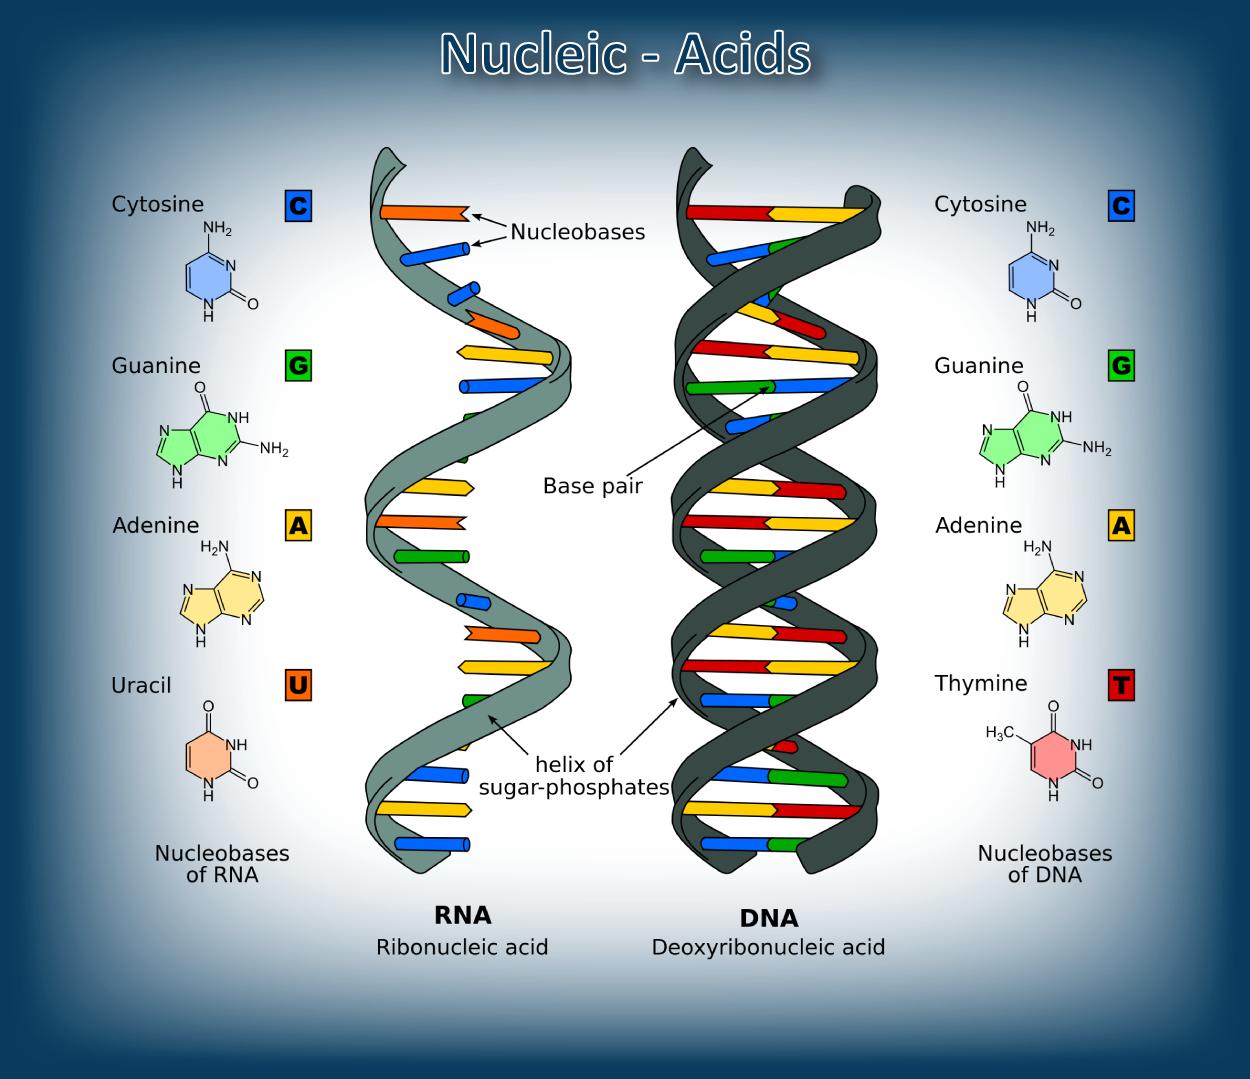 nucleic-acids-05